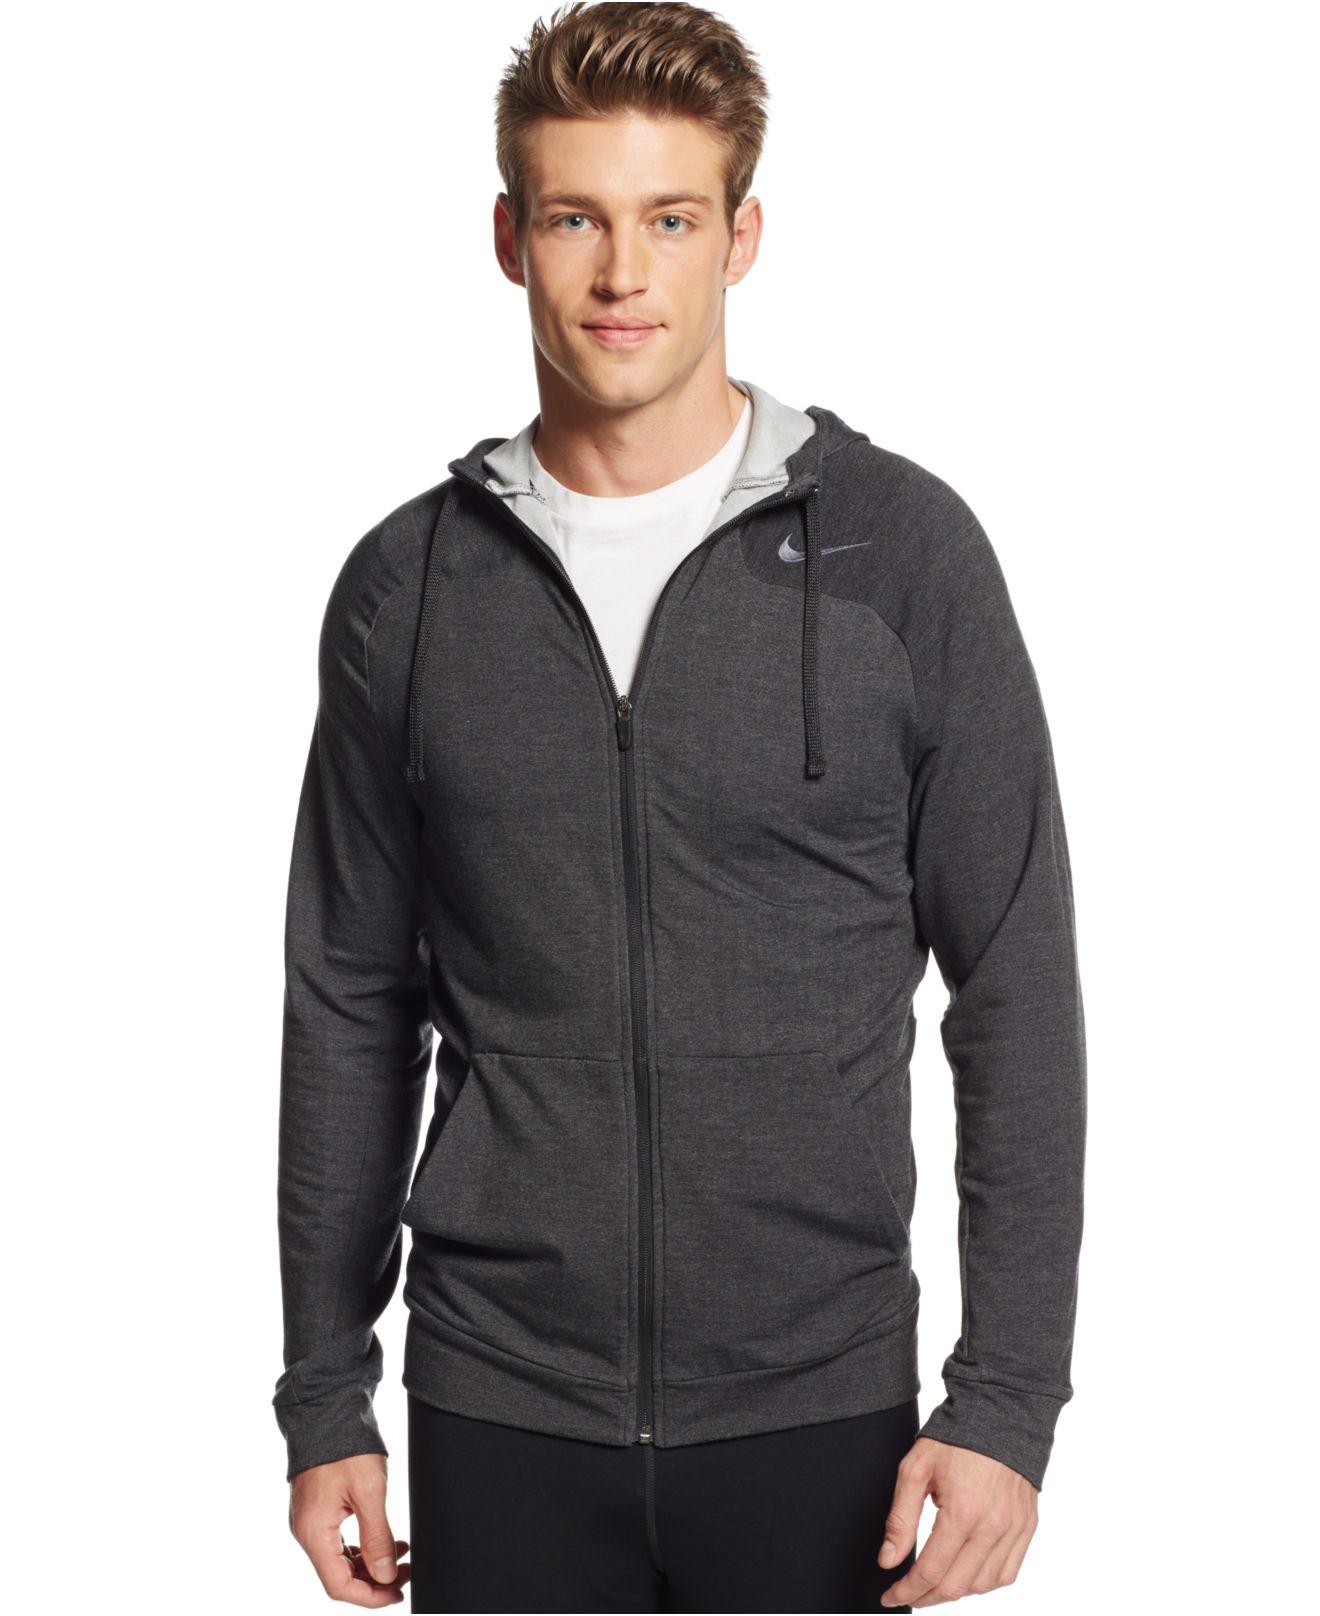 a411d2e5f59e Lyst - Nike Men s Touch Full-zip Dri-fit Hoodie in Black for Men